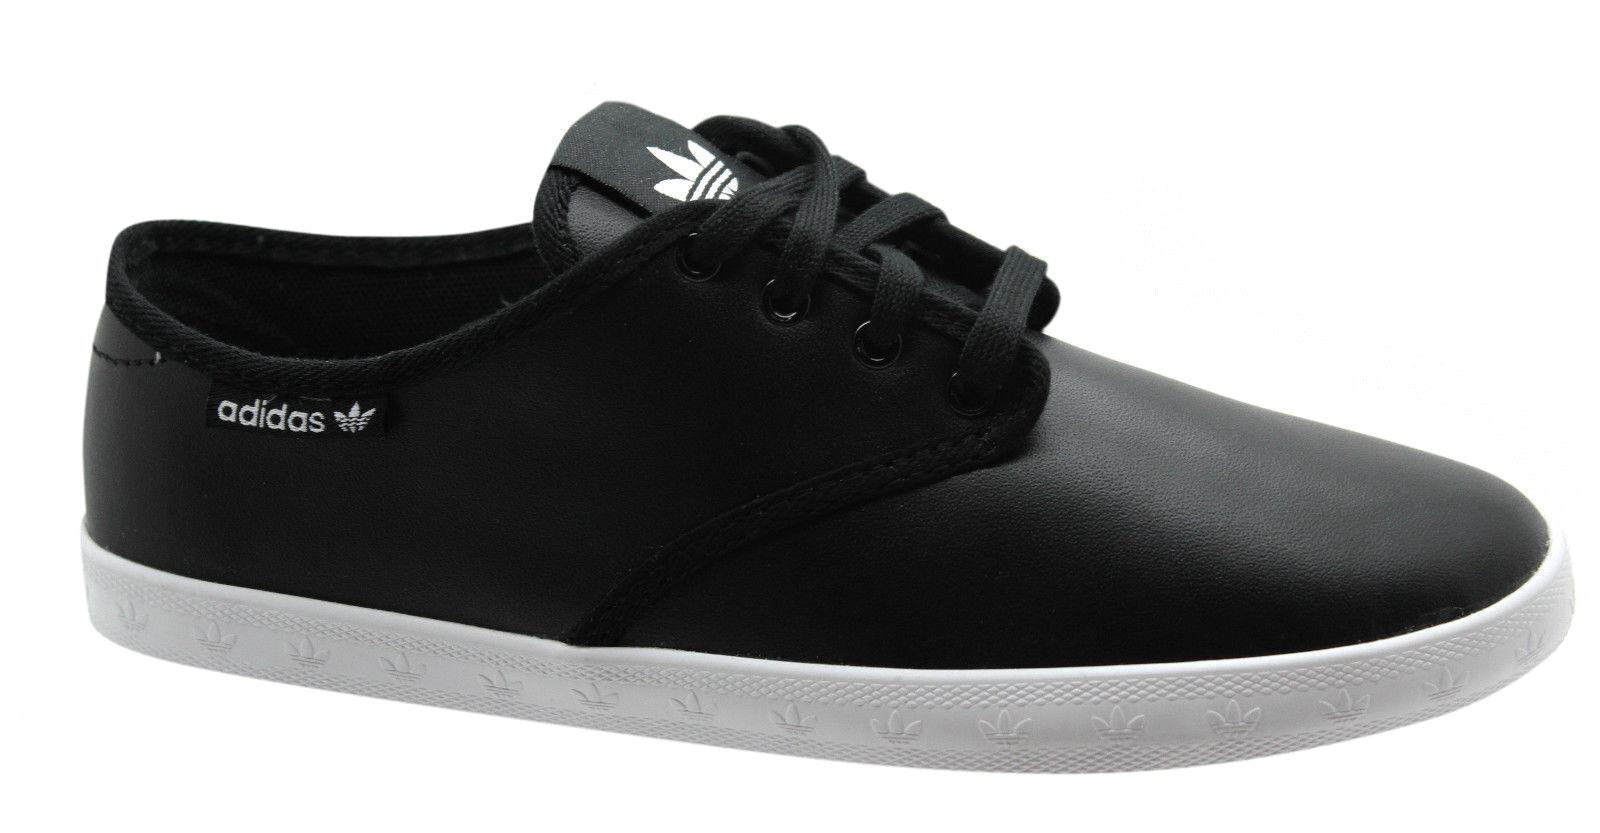 Adidas Originals Adria Plimsole Para Mujer Zapatillas De Encaje Cuero Negro De Encaje De m20740 u53 036238